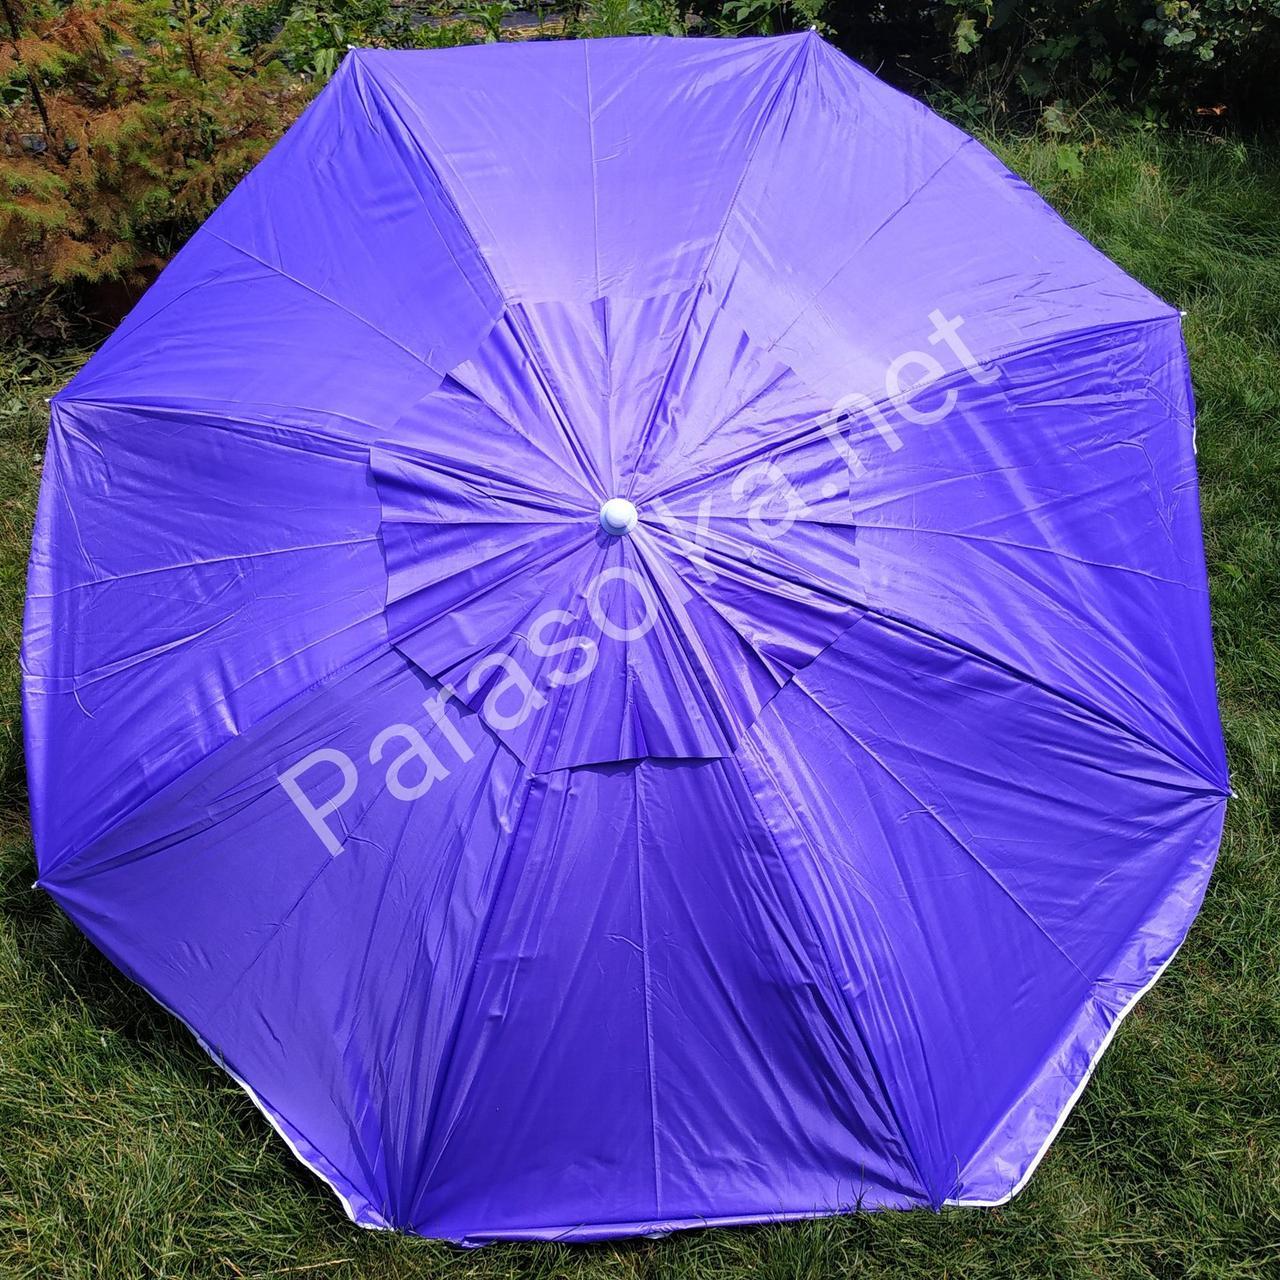 Пляжный зонт сиреневый 2 метра усиленный